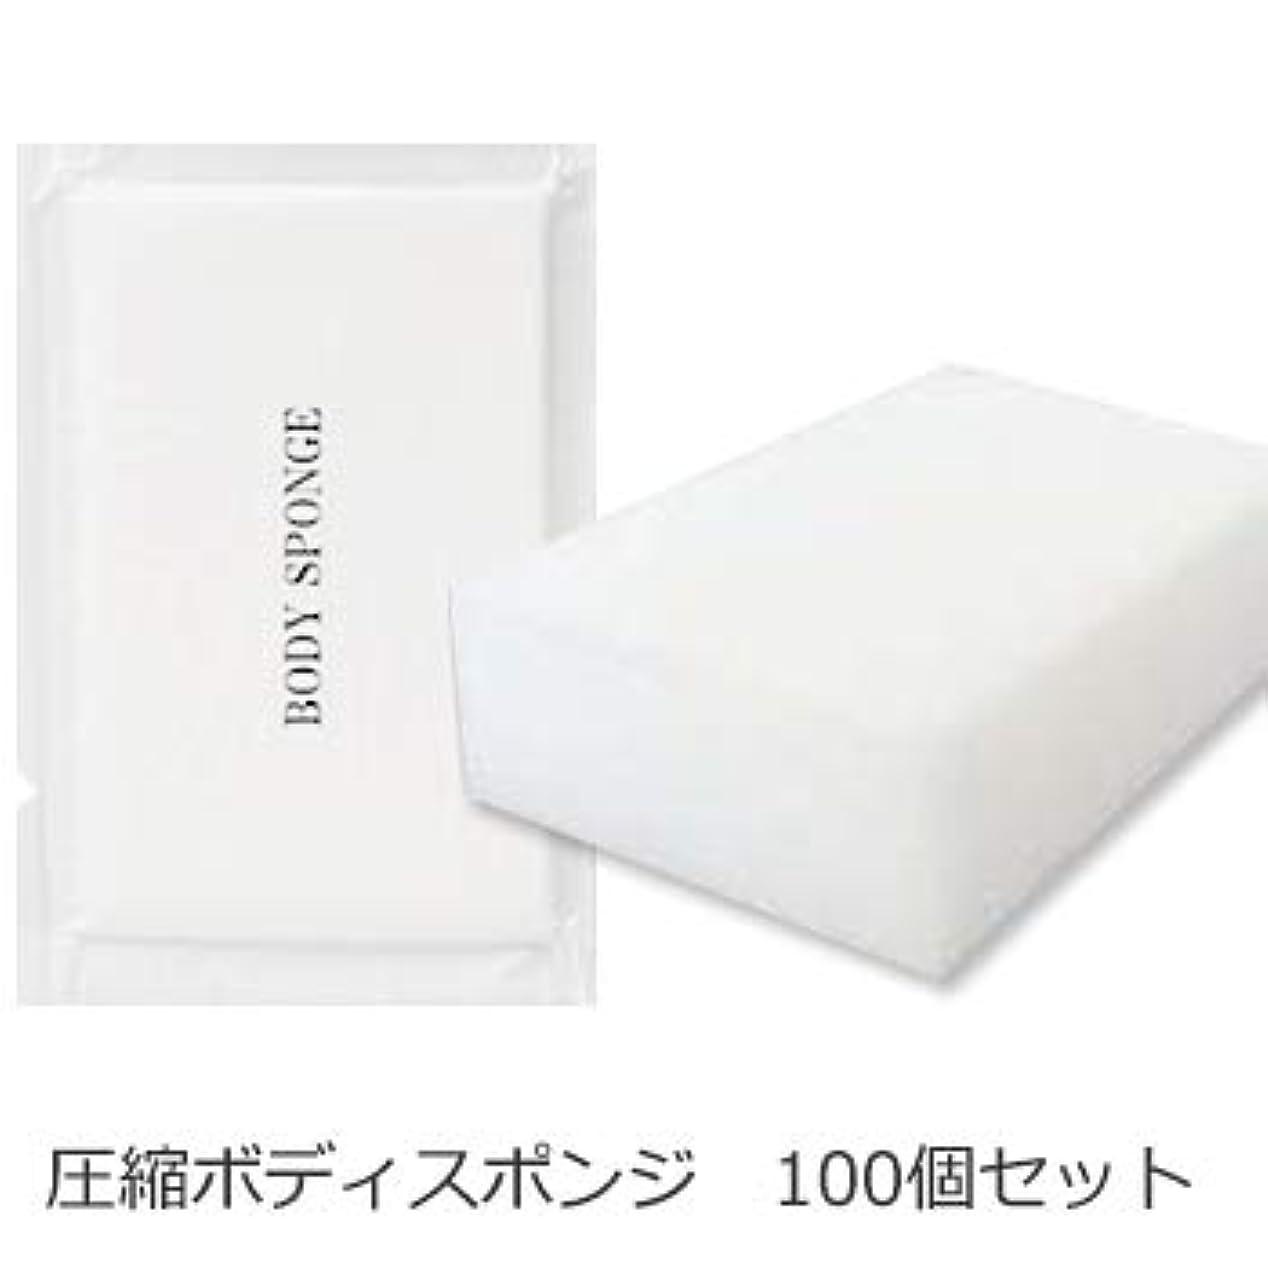 普通のであるグリーンバックボディスポンジ 海綿タイプ 厚み 30mm (1セット100個入)1個当たり14円税別